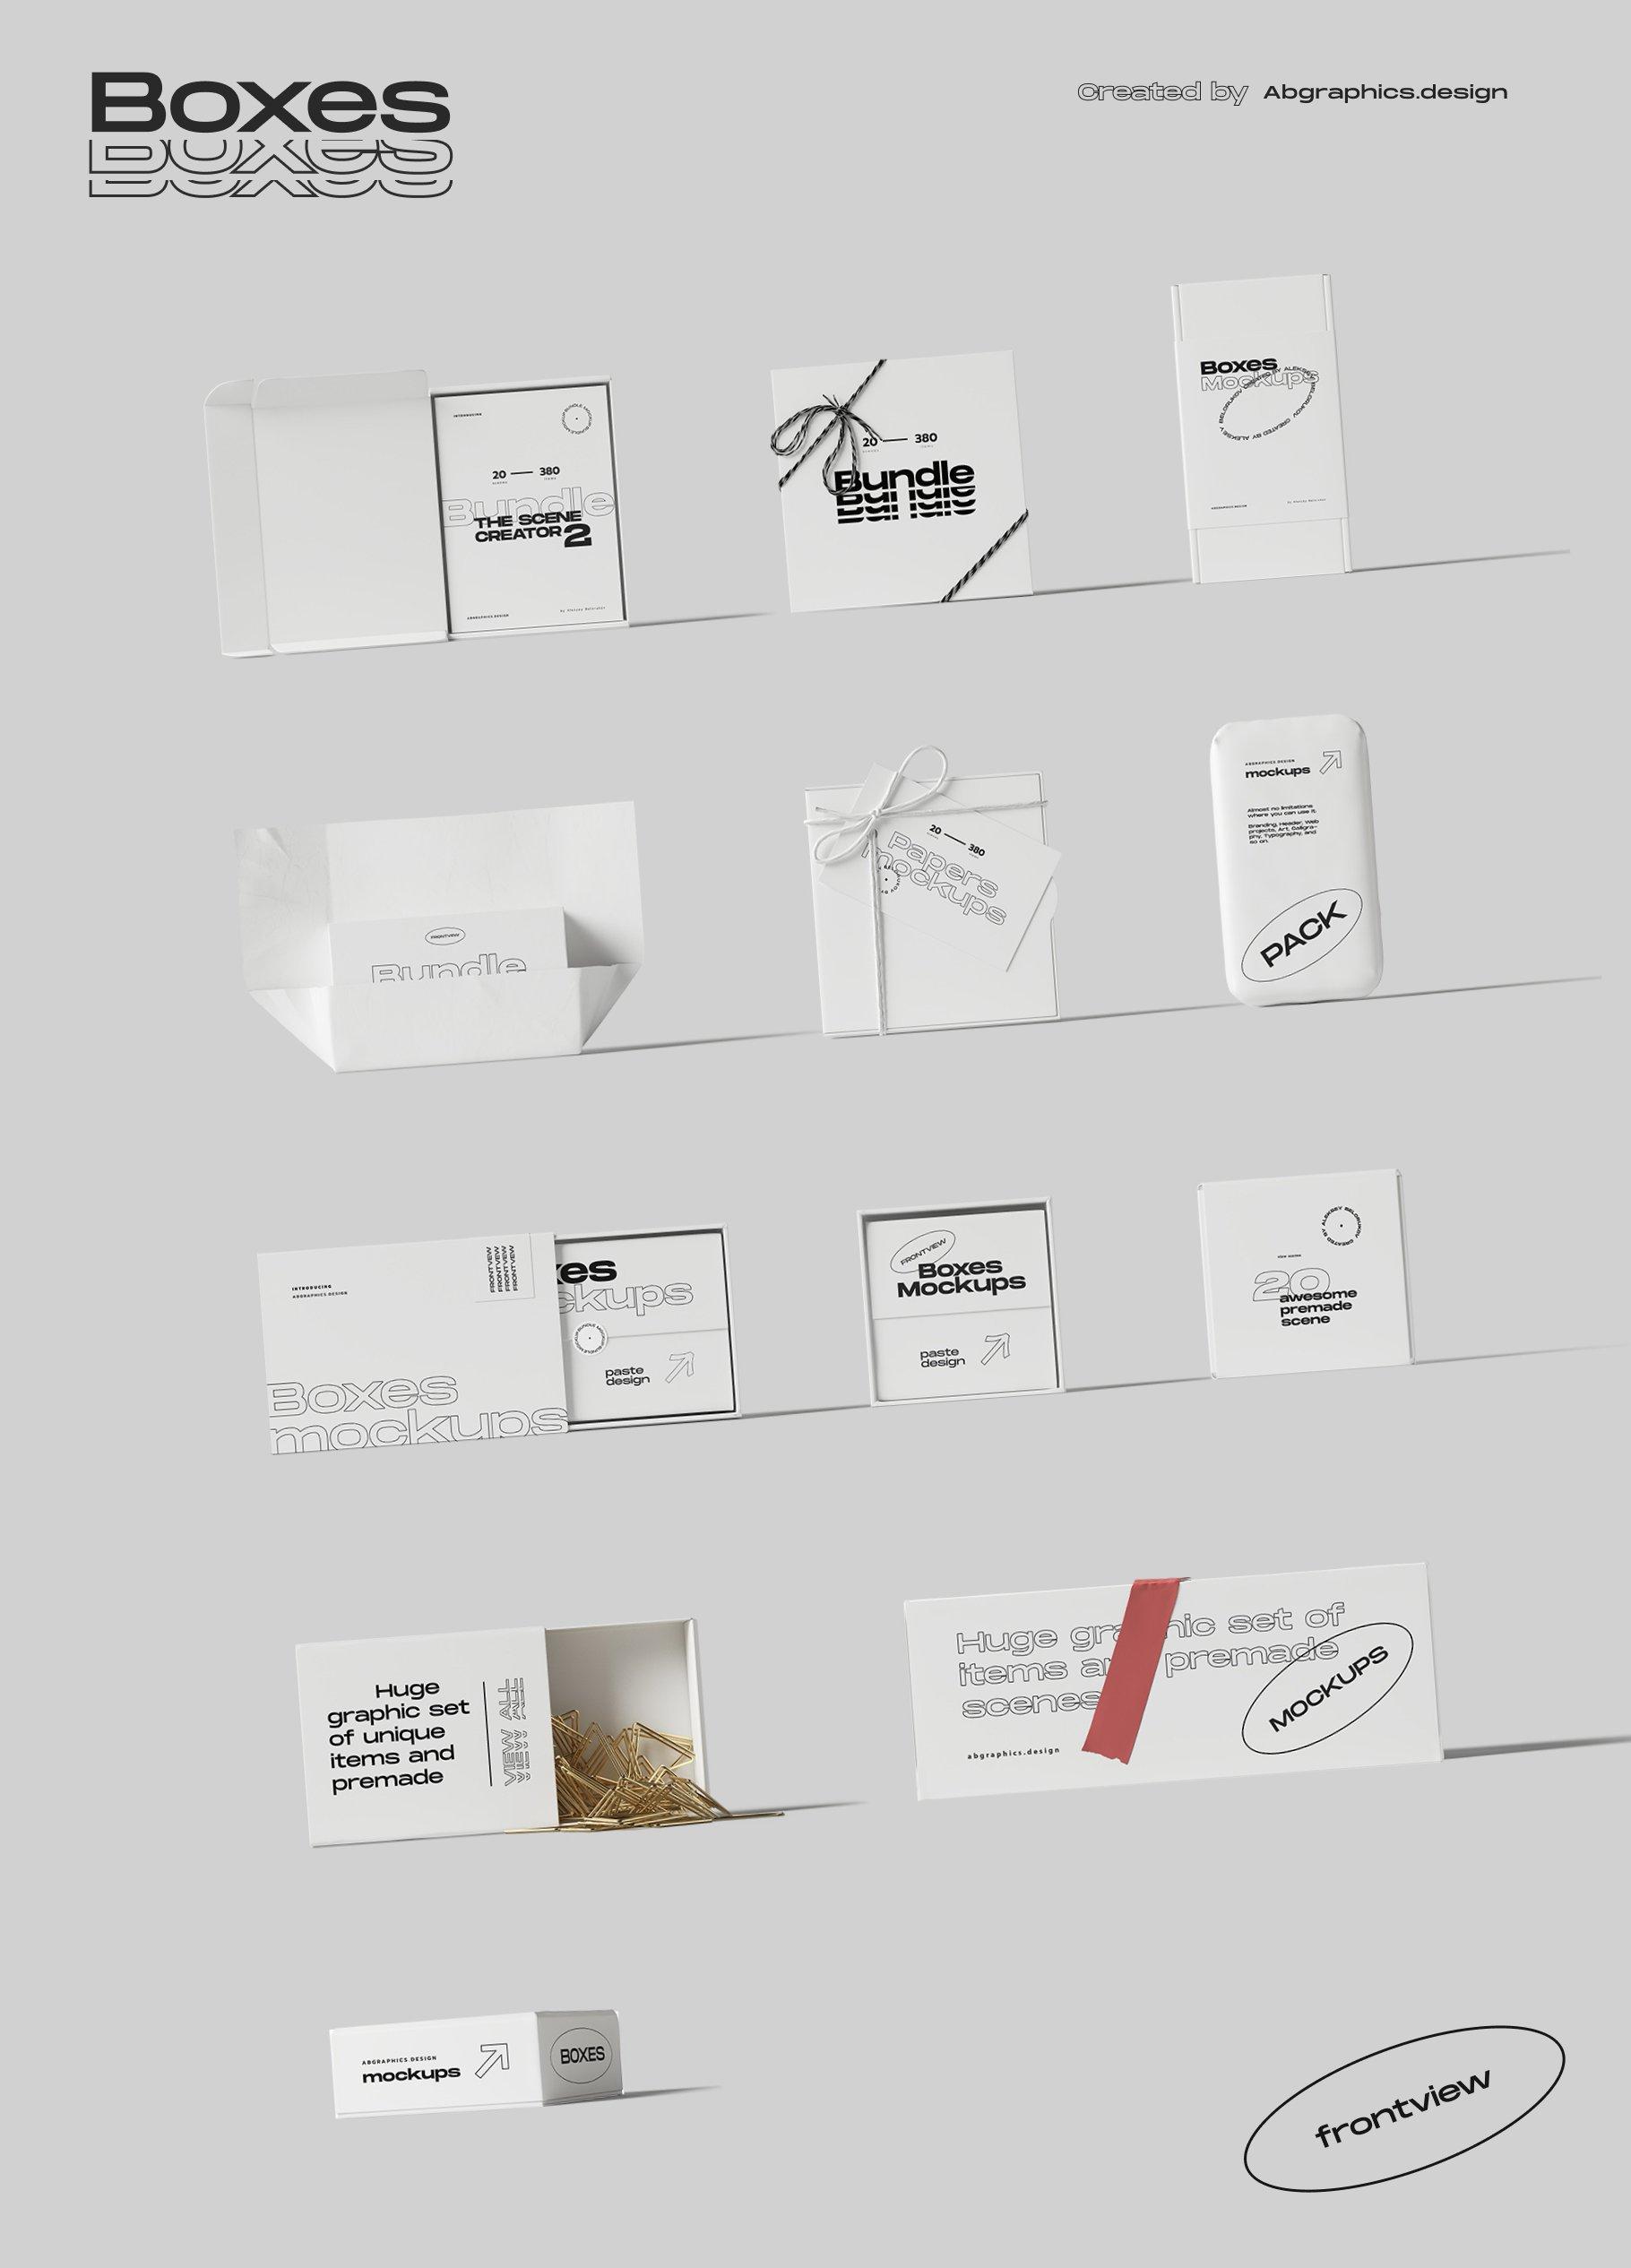 [淘宝购买] 超大品牌VI包装设计PS智能贴图样机模板素材 The Scene Creator 2 / Frontview插图(31)